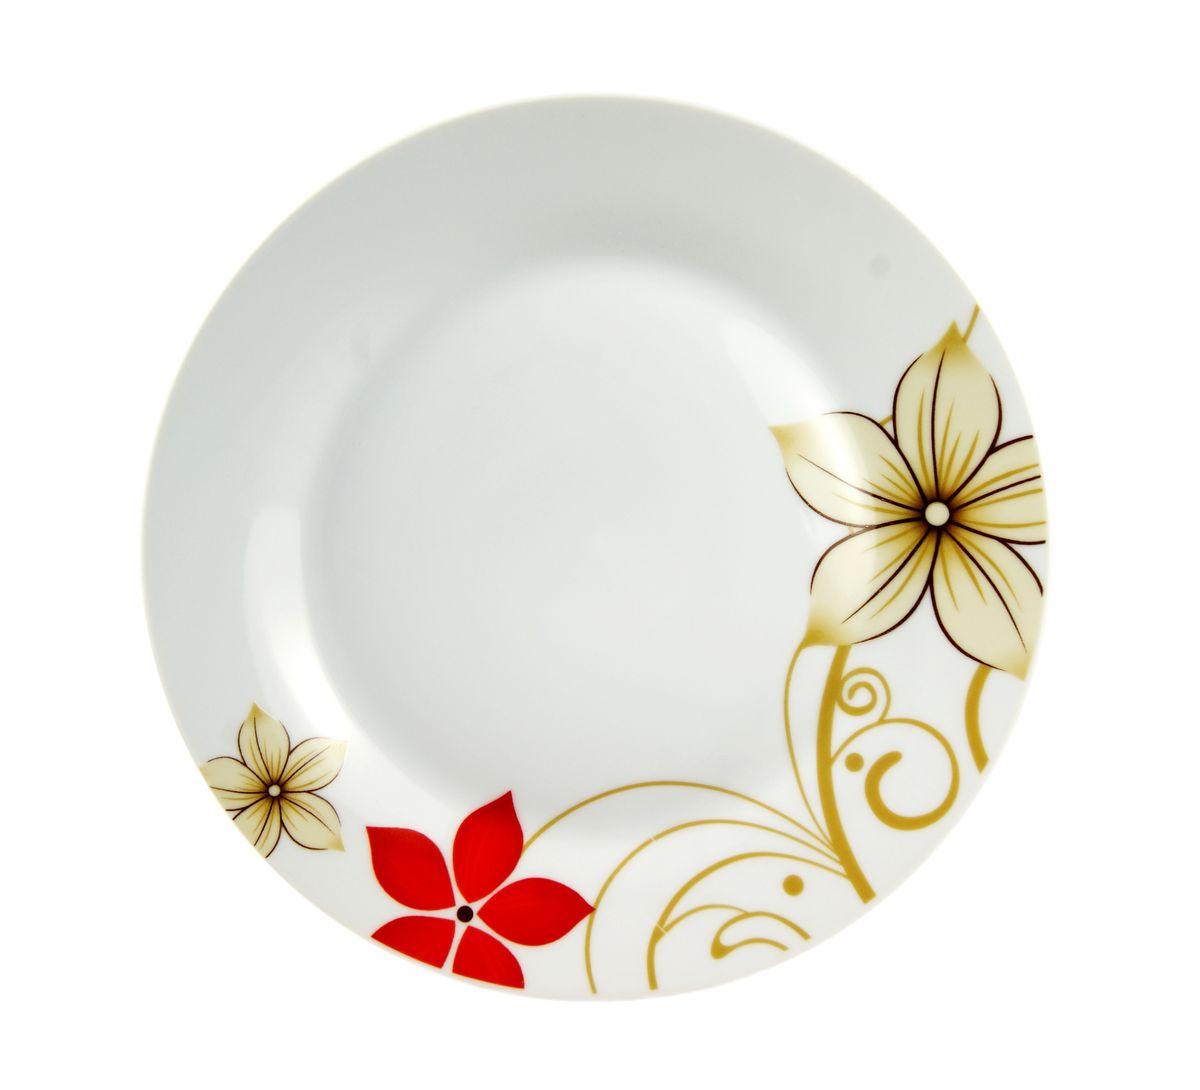 Тарелка десертная Dasen Магнолия, диаметр 19 смDNDS-9000-3Десертная тарелка Dasen Магнолия, изготовленная из высококачественной керамики, предназначена для красивой подачи различных блюд. Изделие декорировано изящным рисунком цветов и имеет изысканный внешний вид. Такая тарелка украсит сервировку стола и подчеркнет прекрасный вкус хозяйки. Можно мыть в посудомоечной машине и использовать в микроволновой печи. Диаметр: 19 см. Высота: 1,5 см.